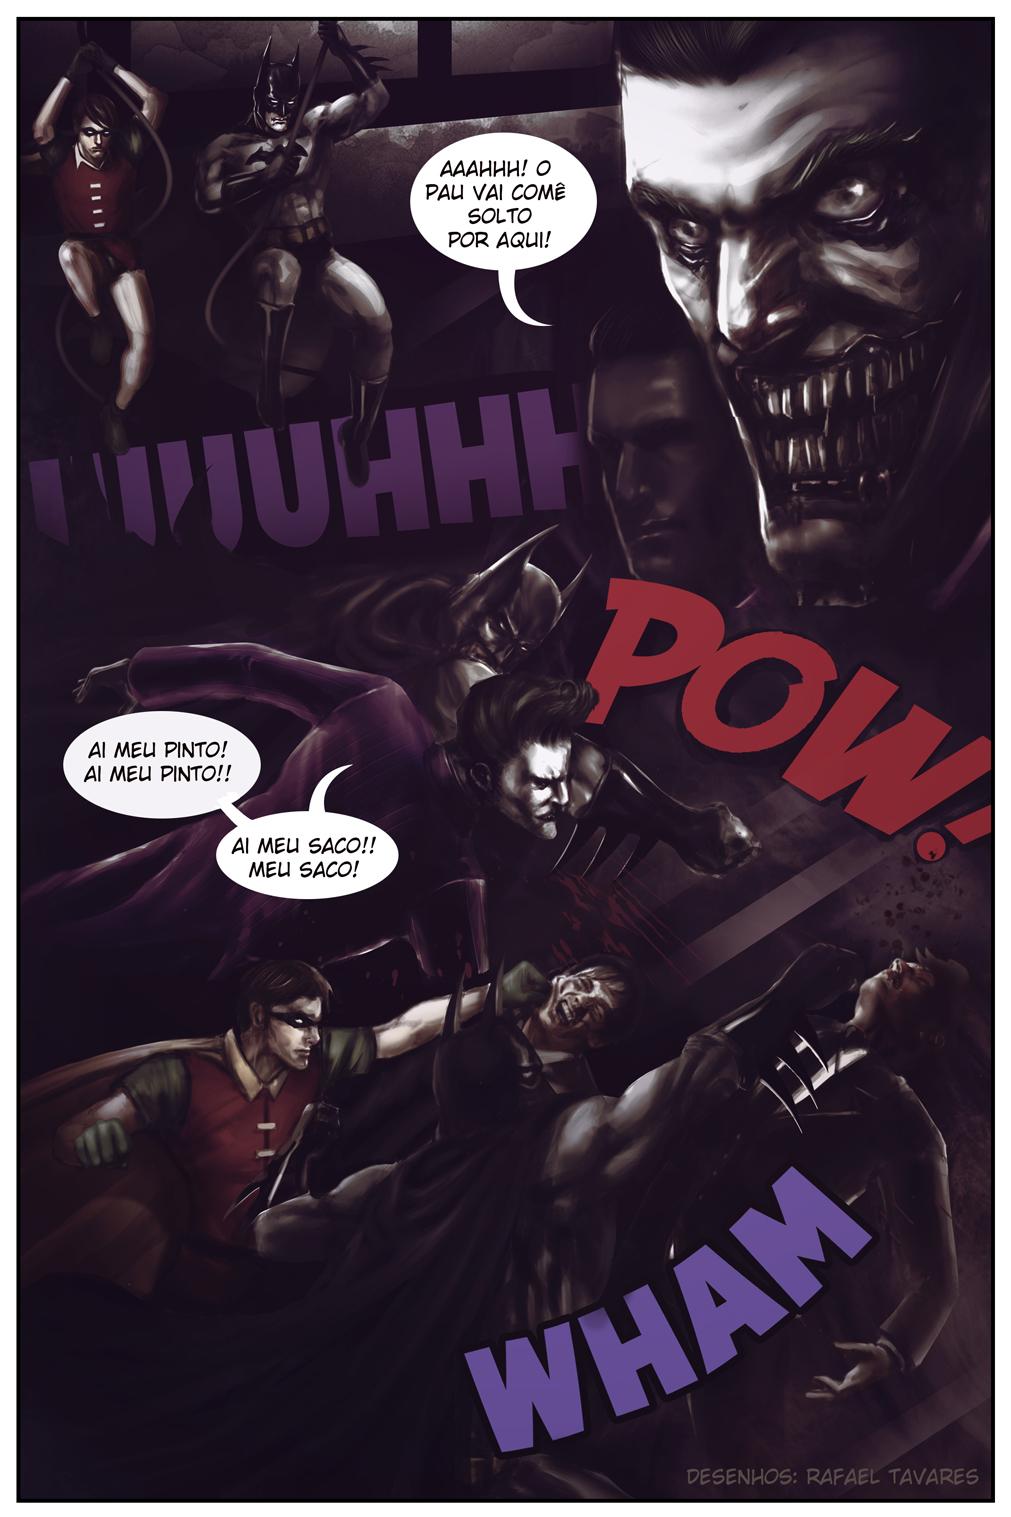 [Tópico Oficial] Batman na Feira da Fruta em Quadrinhos - Página 4 Feira+da+Fruta+30